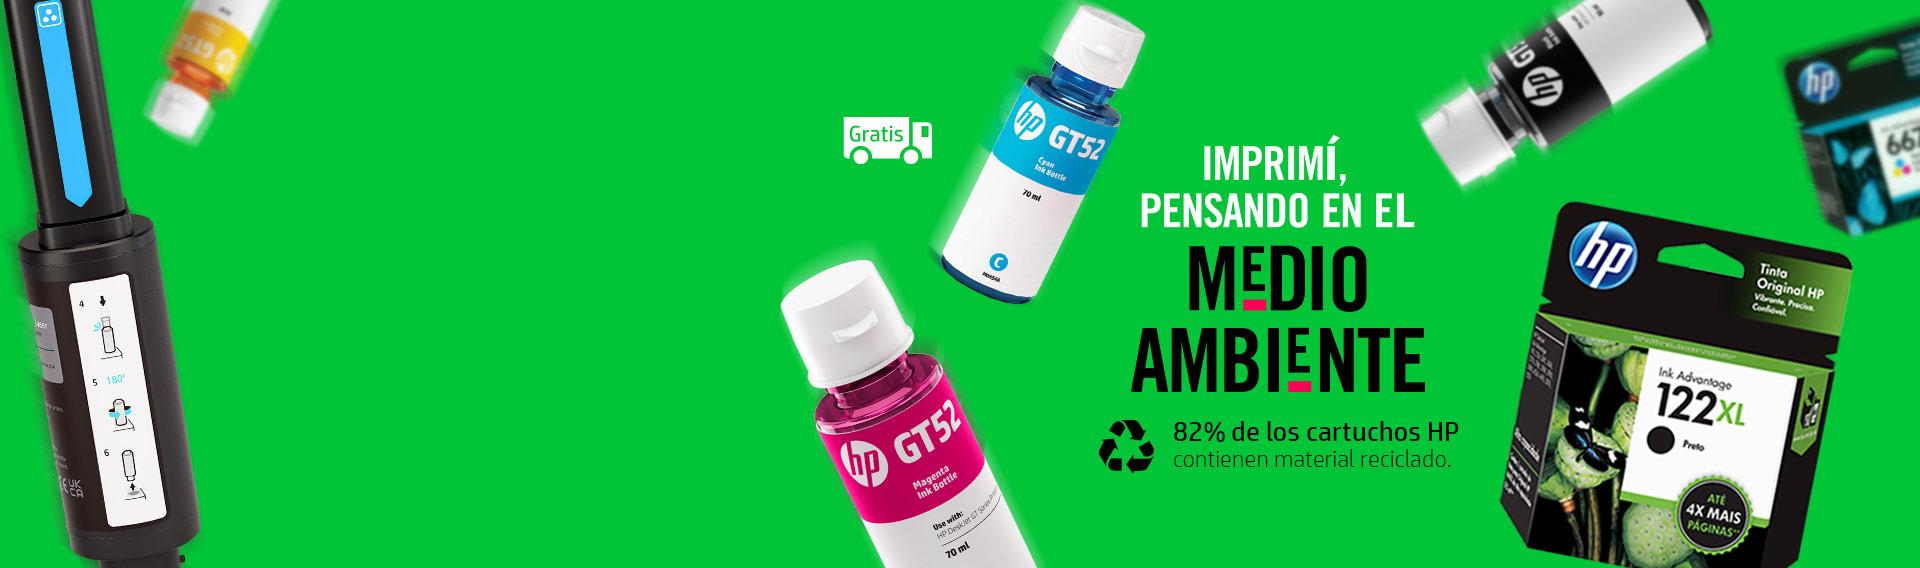 En Tintas & Cartuchos ahorra hasta 10%* más envío gratis*